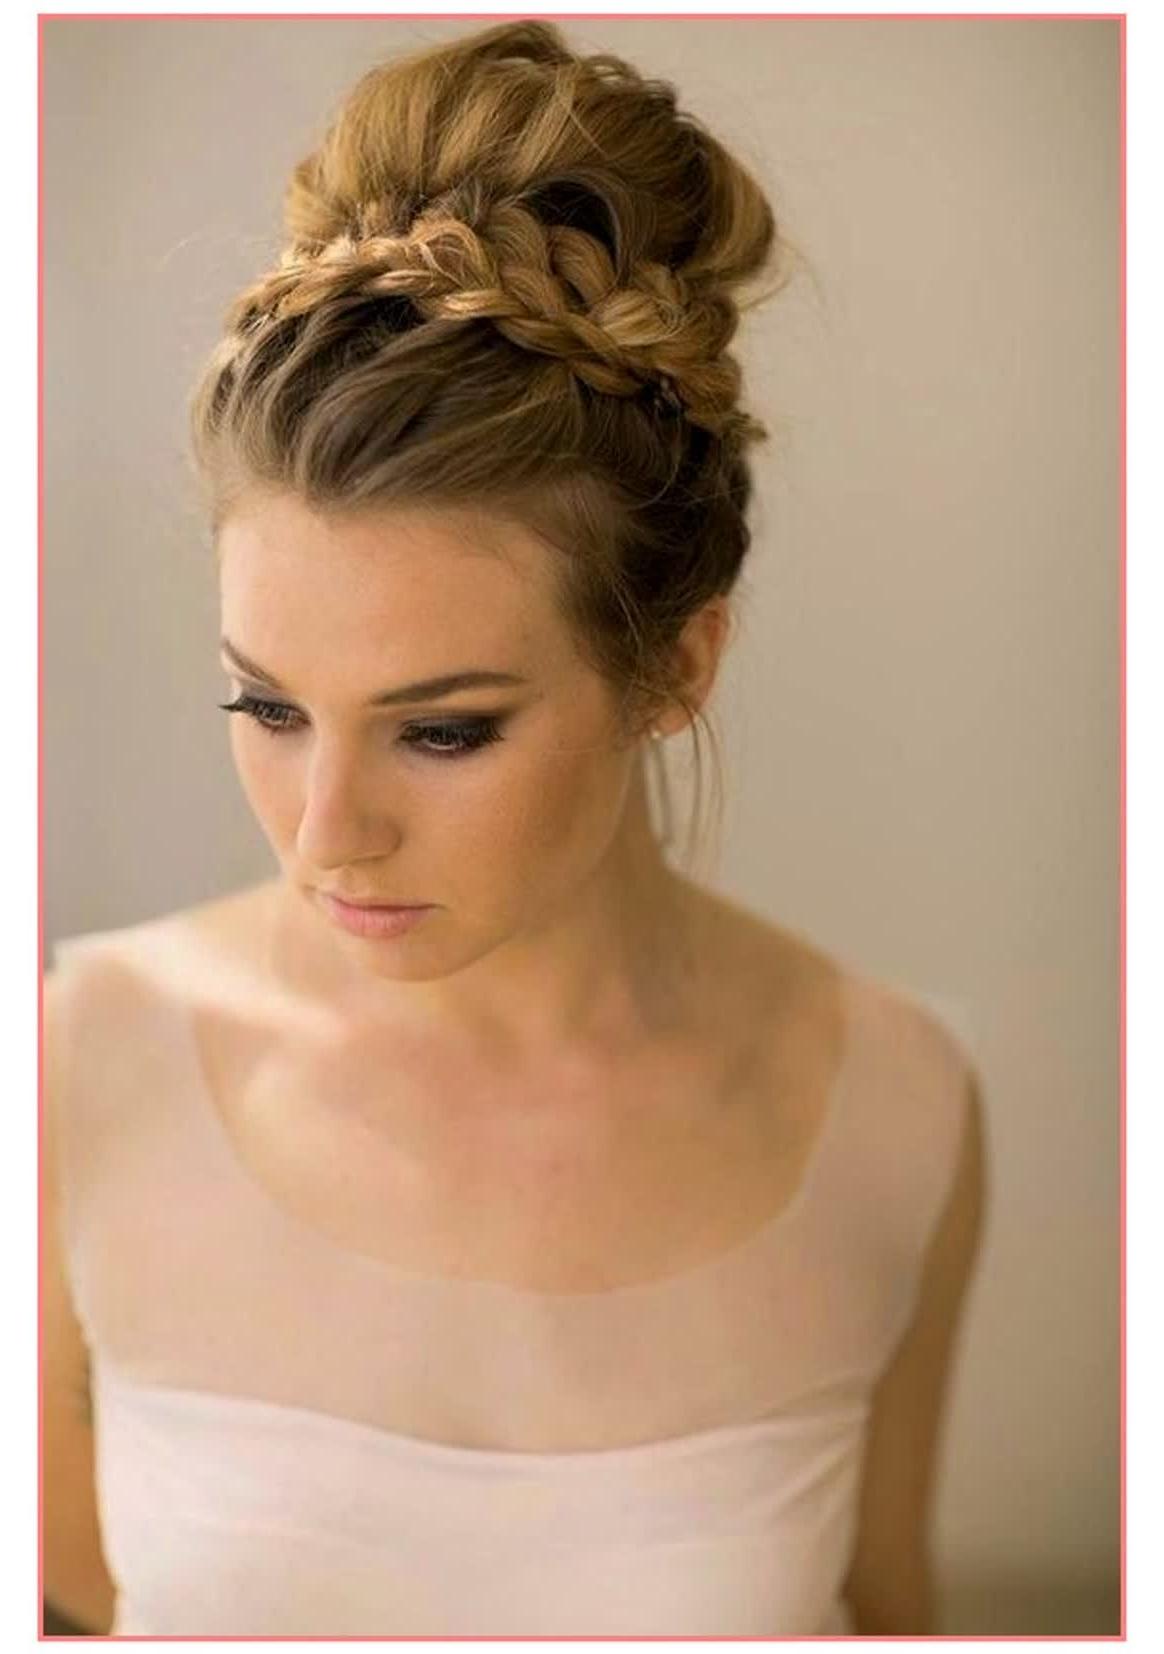 Best Wedding Guest Hairstyles Short Hair – Best Hairstyles For Women Throughout 2017 Cute Wedding Guest Hairstyles For Short Hair (View 5 of 15)